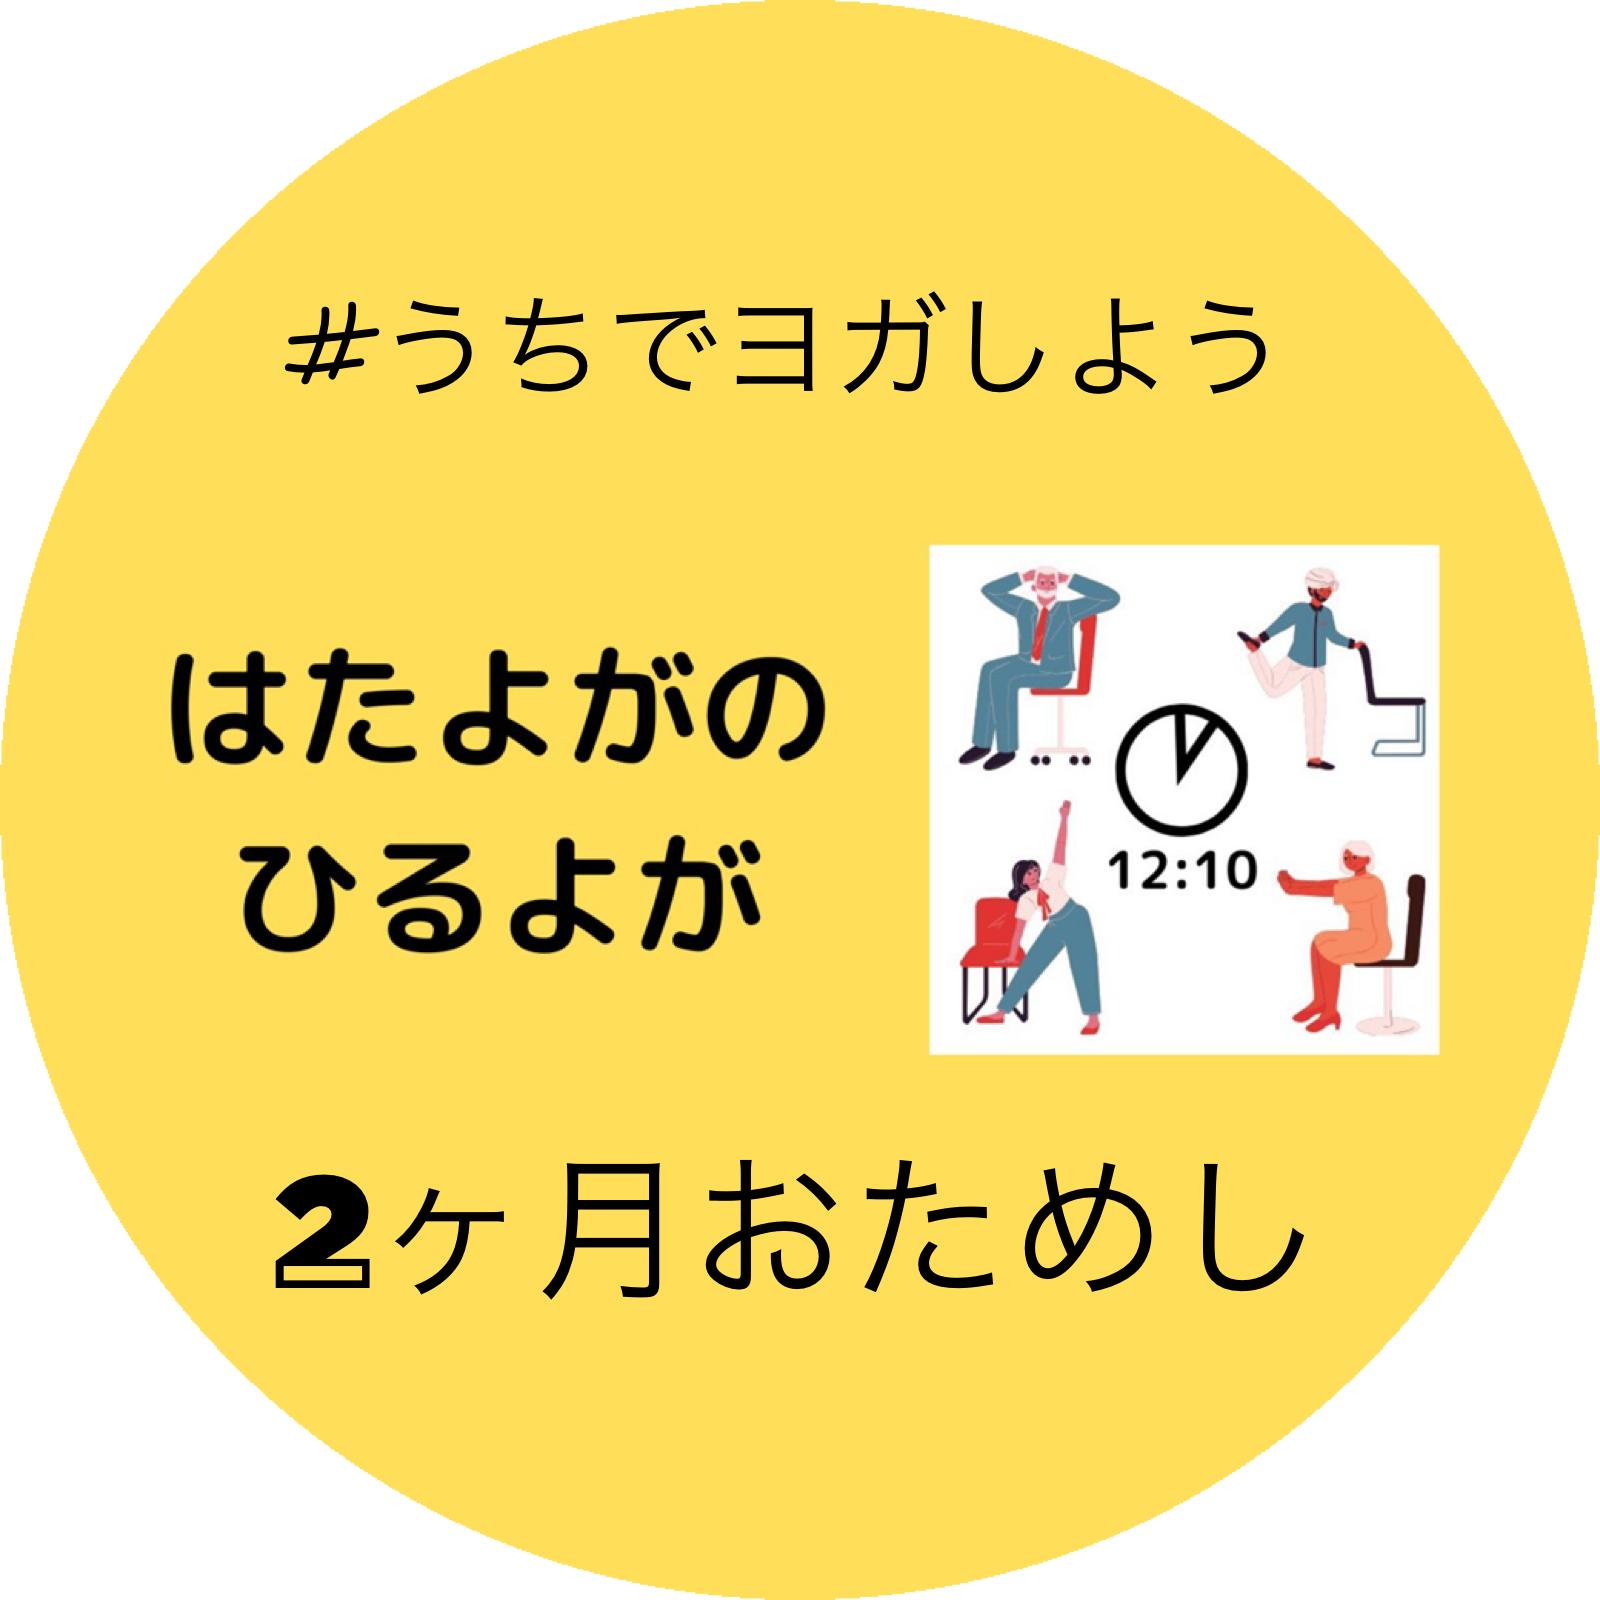 https://hatayoga.jp/tokuten-202102/